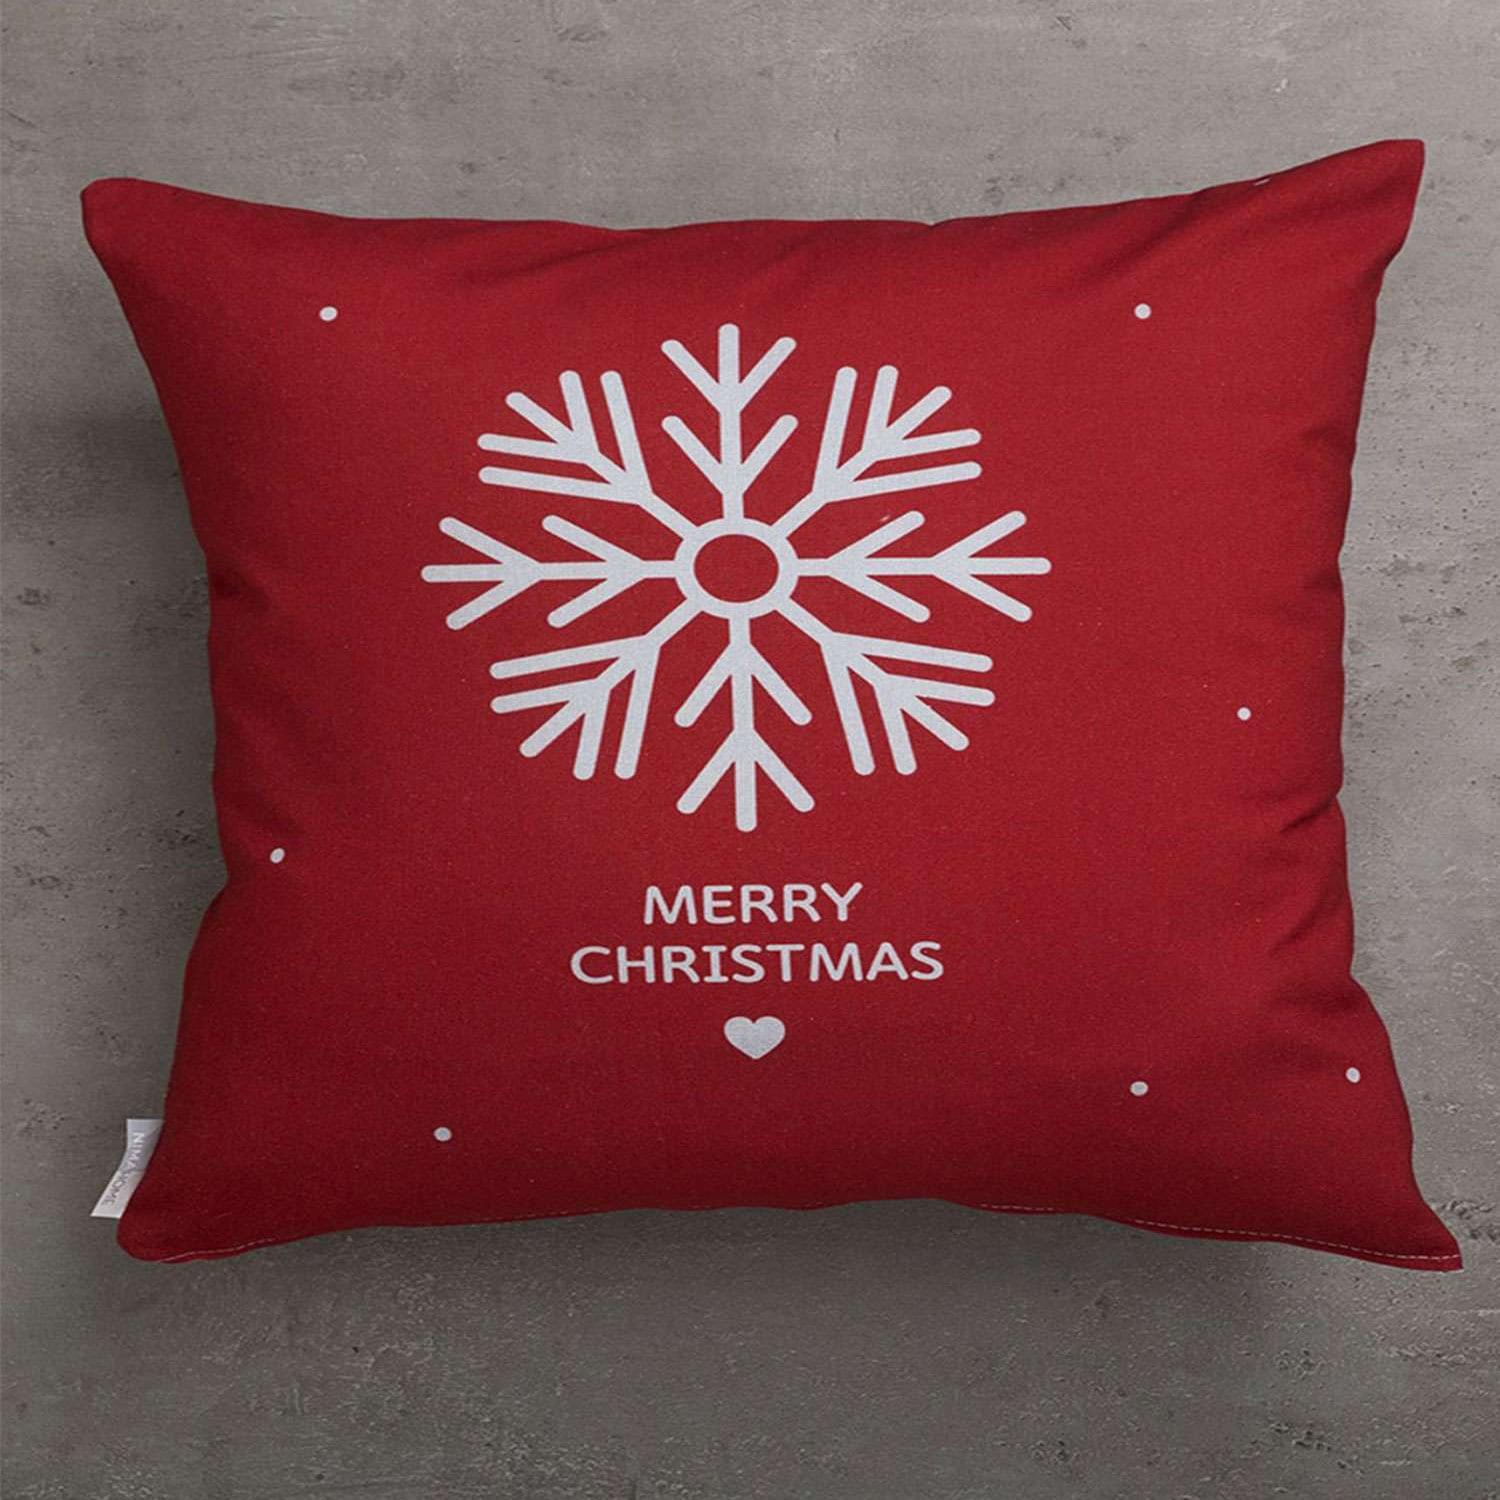 Μαξιλάρι Διακοσμητικό Χριστουγεννιάτικο (Με Γέμιση) Frosty Nima 45X45